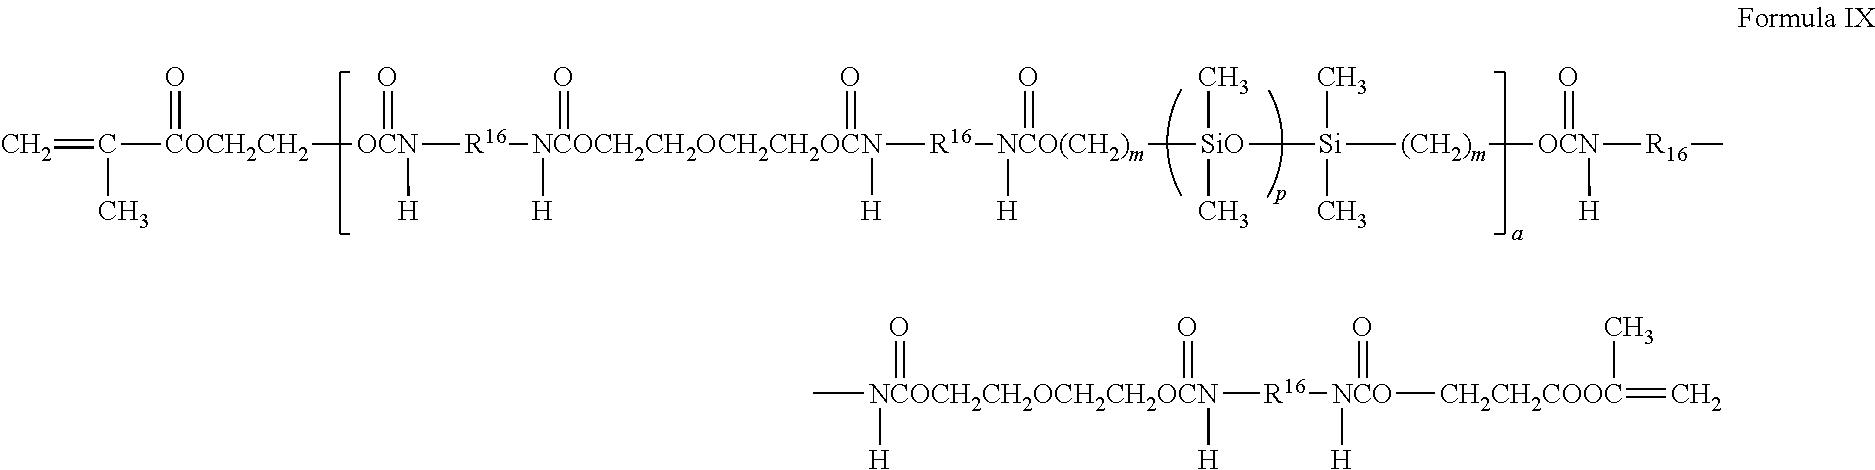 Figure US09977258-20180522-C00006